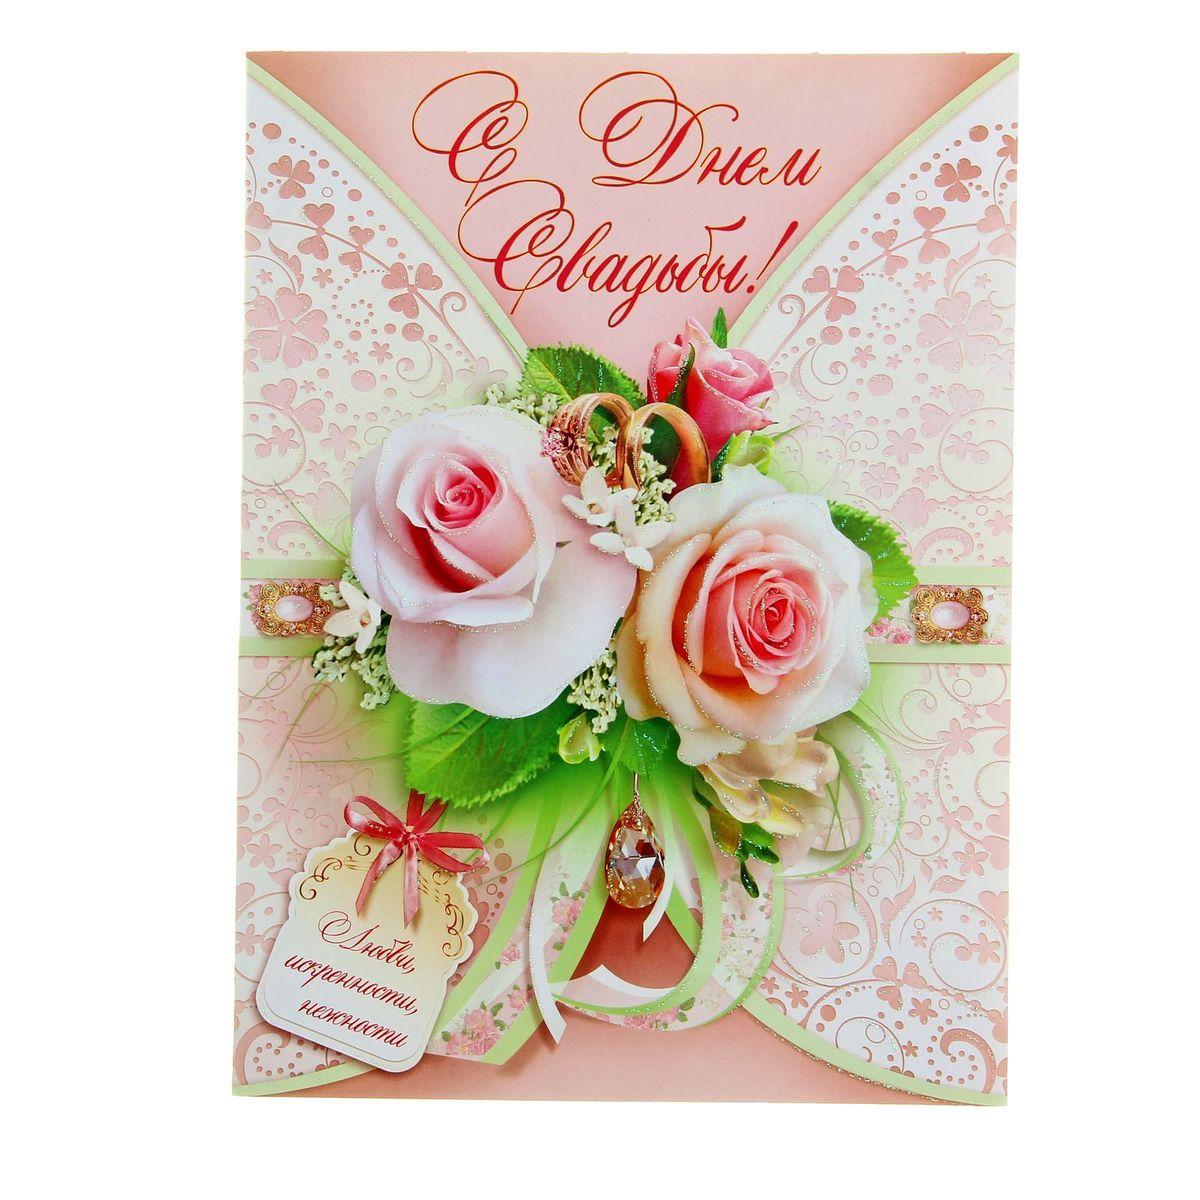 Обложка на открытку с днем свадьбы, аниме девушкой открытки